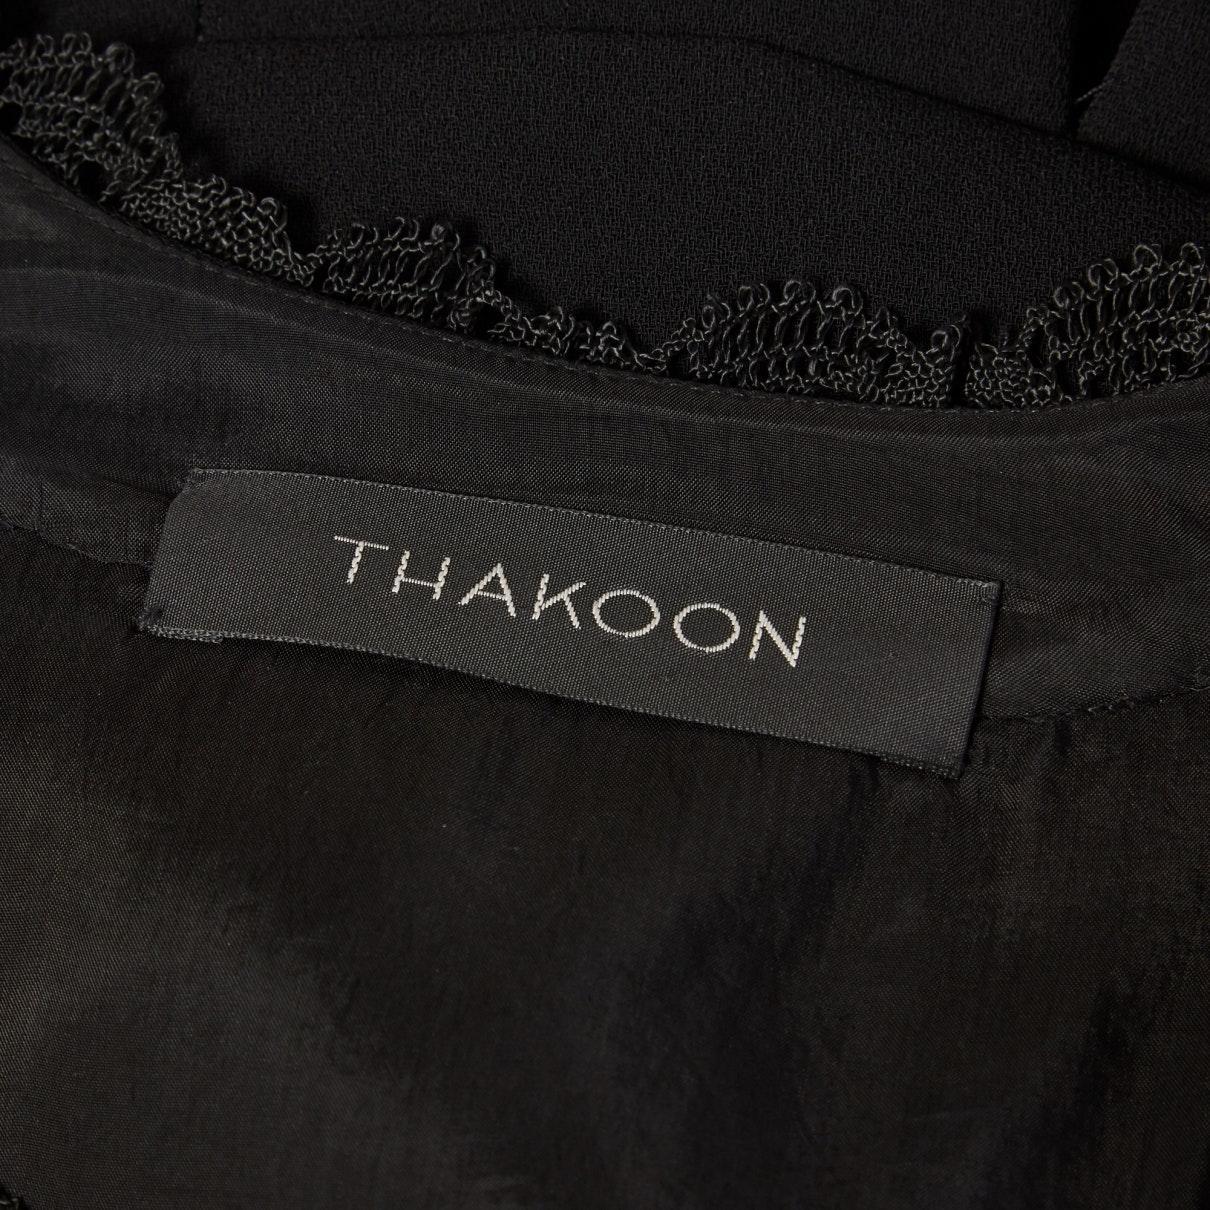 Vestido en poliéster negro N Thakoon de Tejido sintético de color Negro